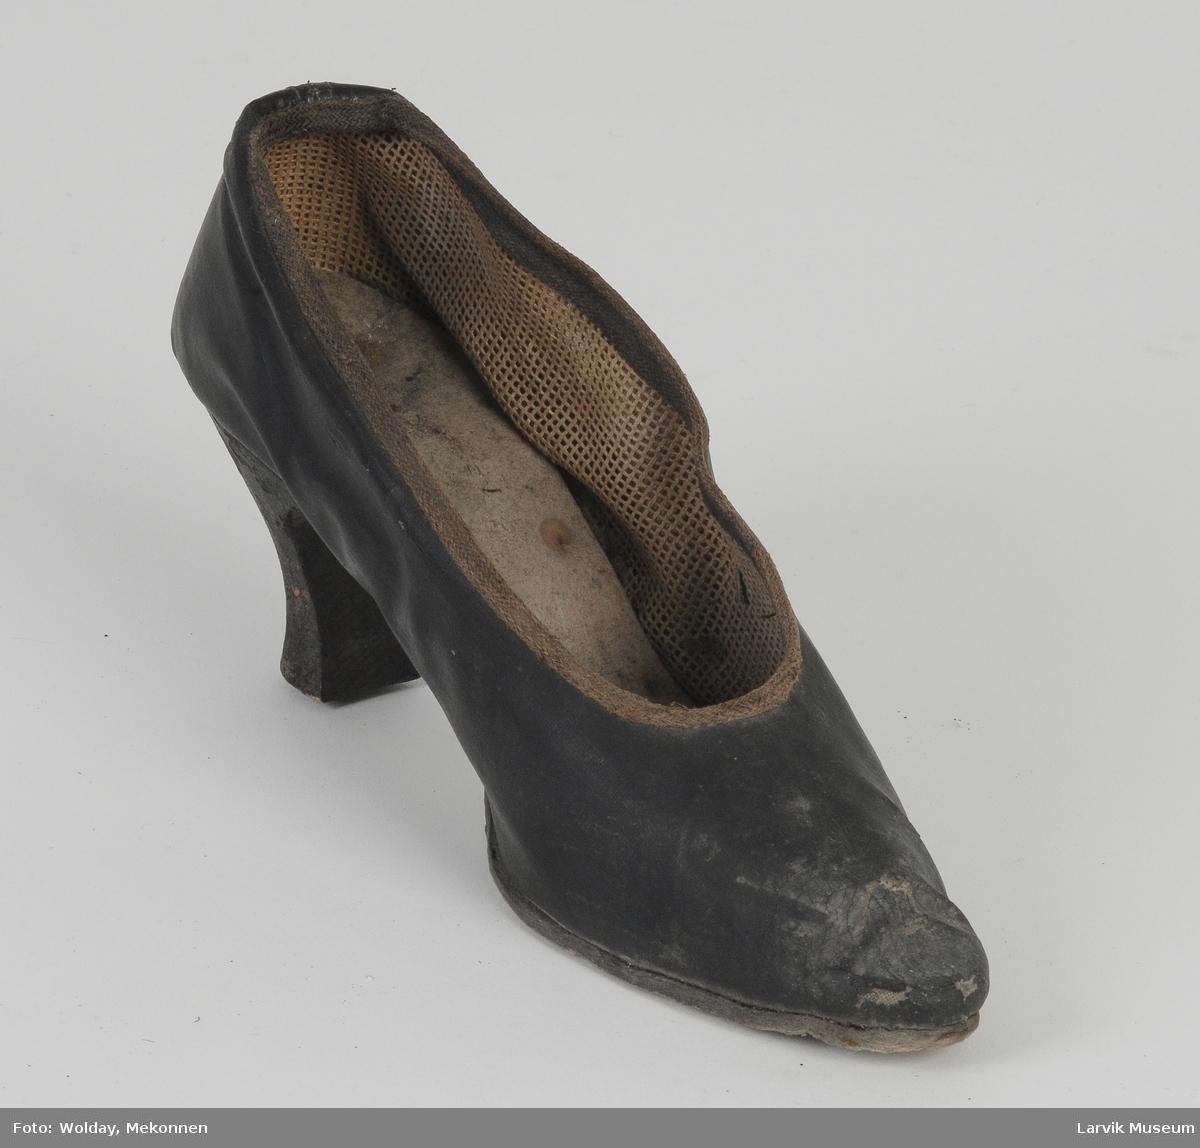 Form: Enkel høyhelet damesko i bemalt stoff, med papirsåle og enkel tre hel.